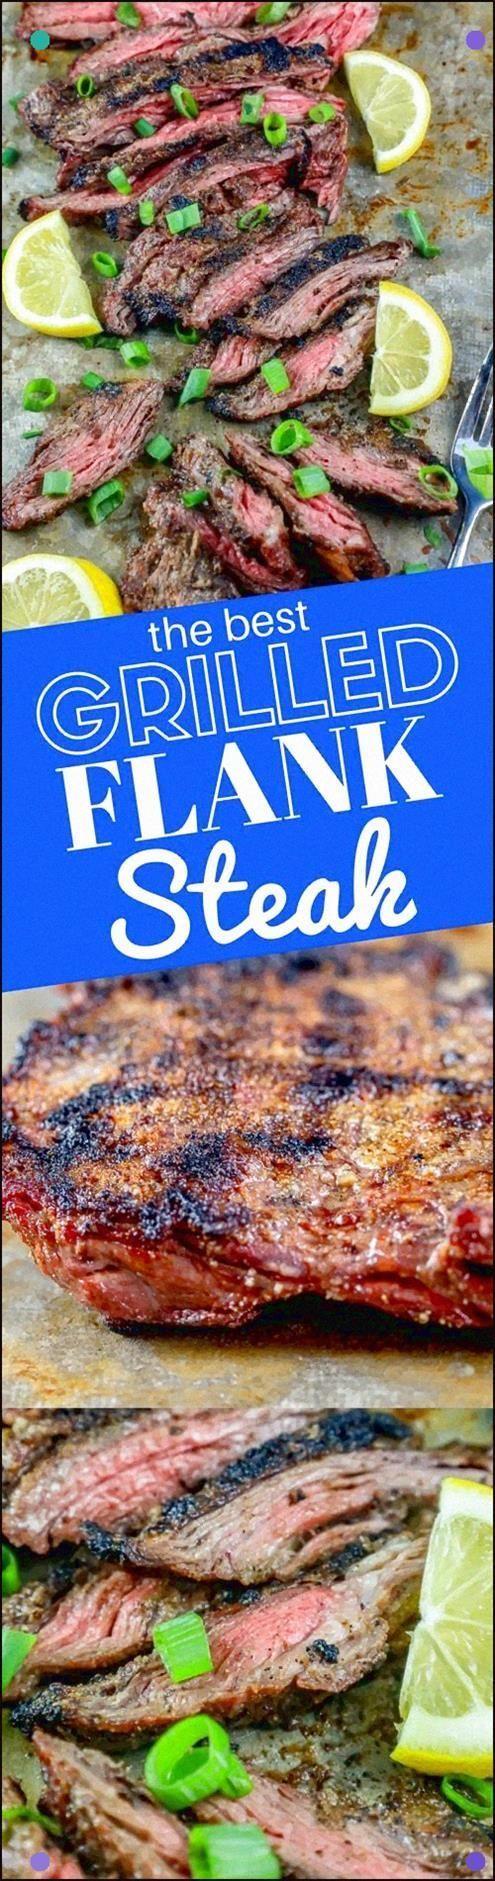 The Best Garlic Grilled Flank Steak Recipe #flanksteaktacos The Best Garlic Grilled Flank Steak Recipe #recipesforflanksteak The Best Garlic Grilled Flank Steak Recipe #flanksteaktacos The Best Garlic Grilled Flank Steak Recipe #flanksteaktacos